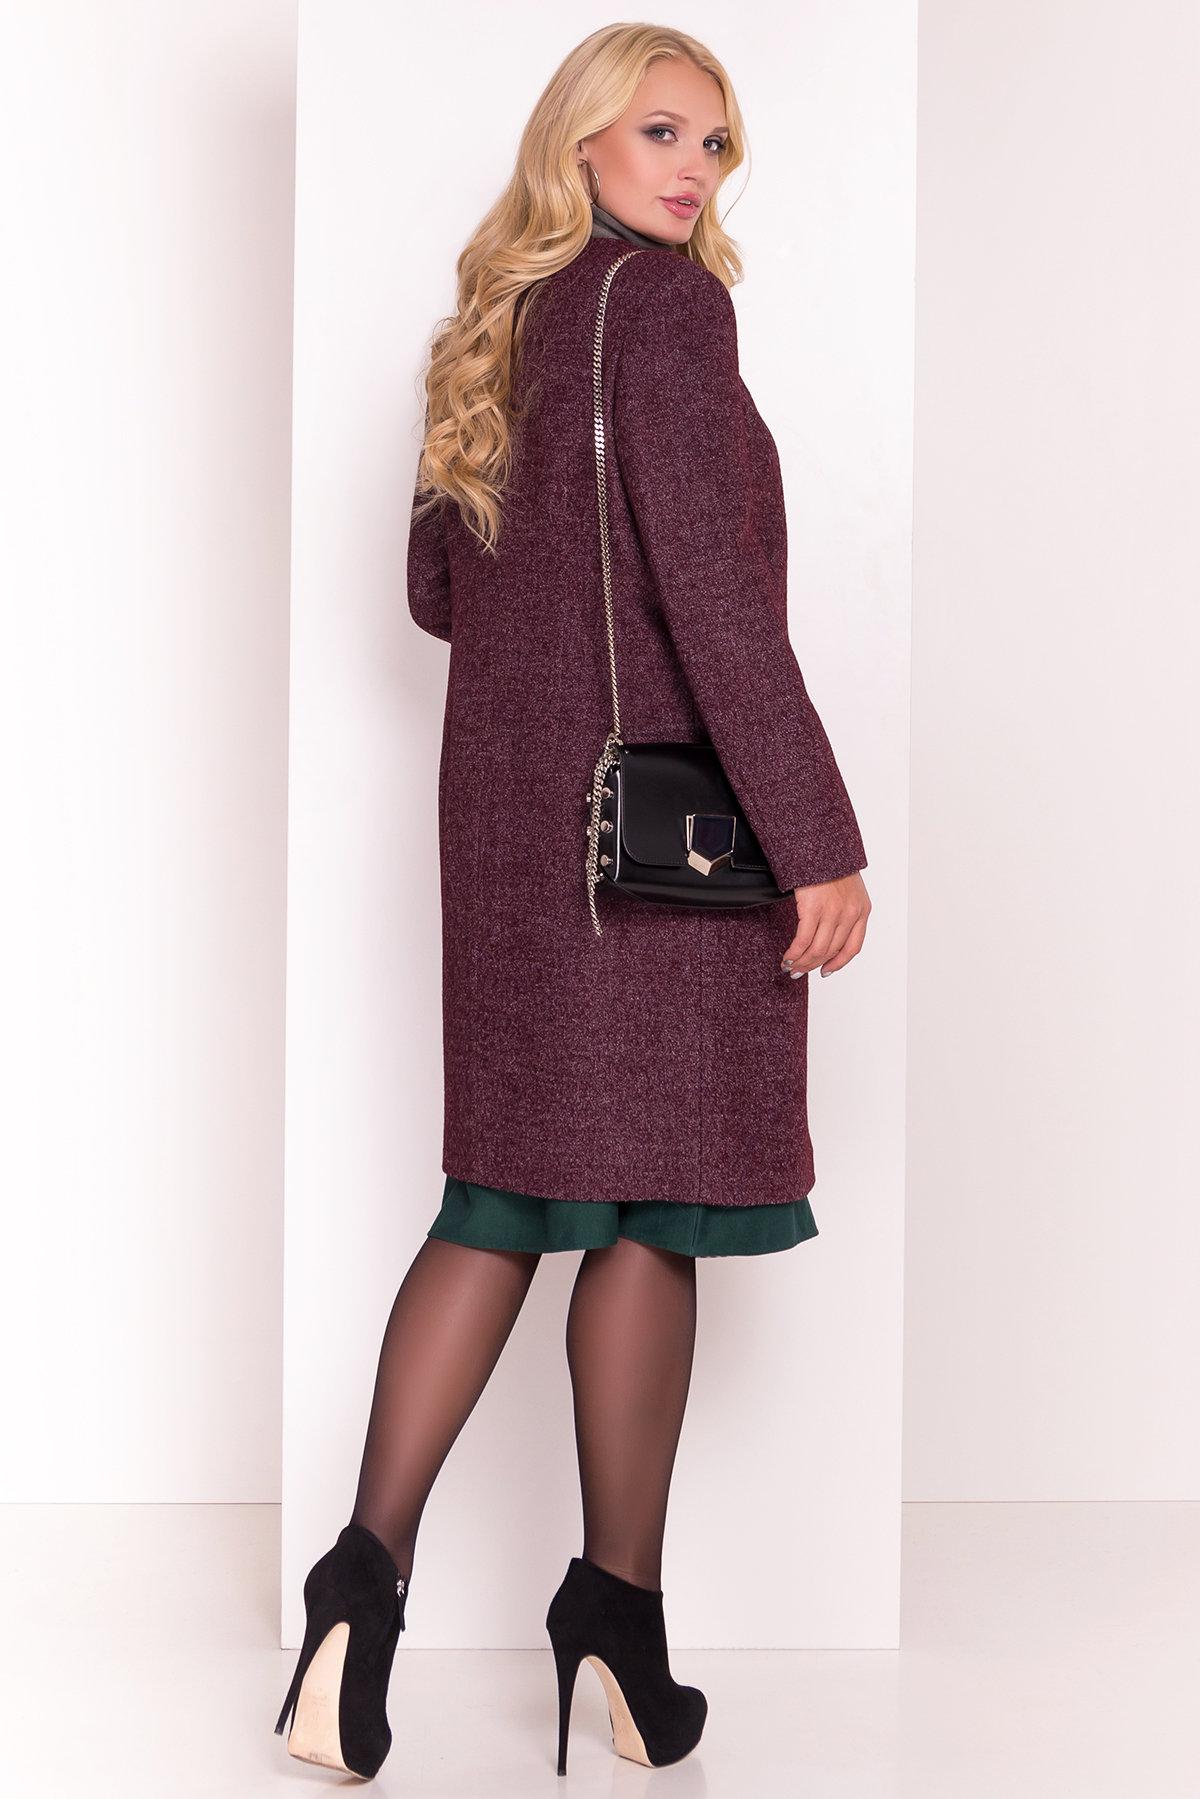 Демисезонное пальто цвета марсала Фортуна DONNA 3377 АРТ. 17323 Цвет: Марсала - фото 4, интернет магазин tm-modus.ru